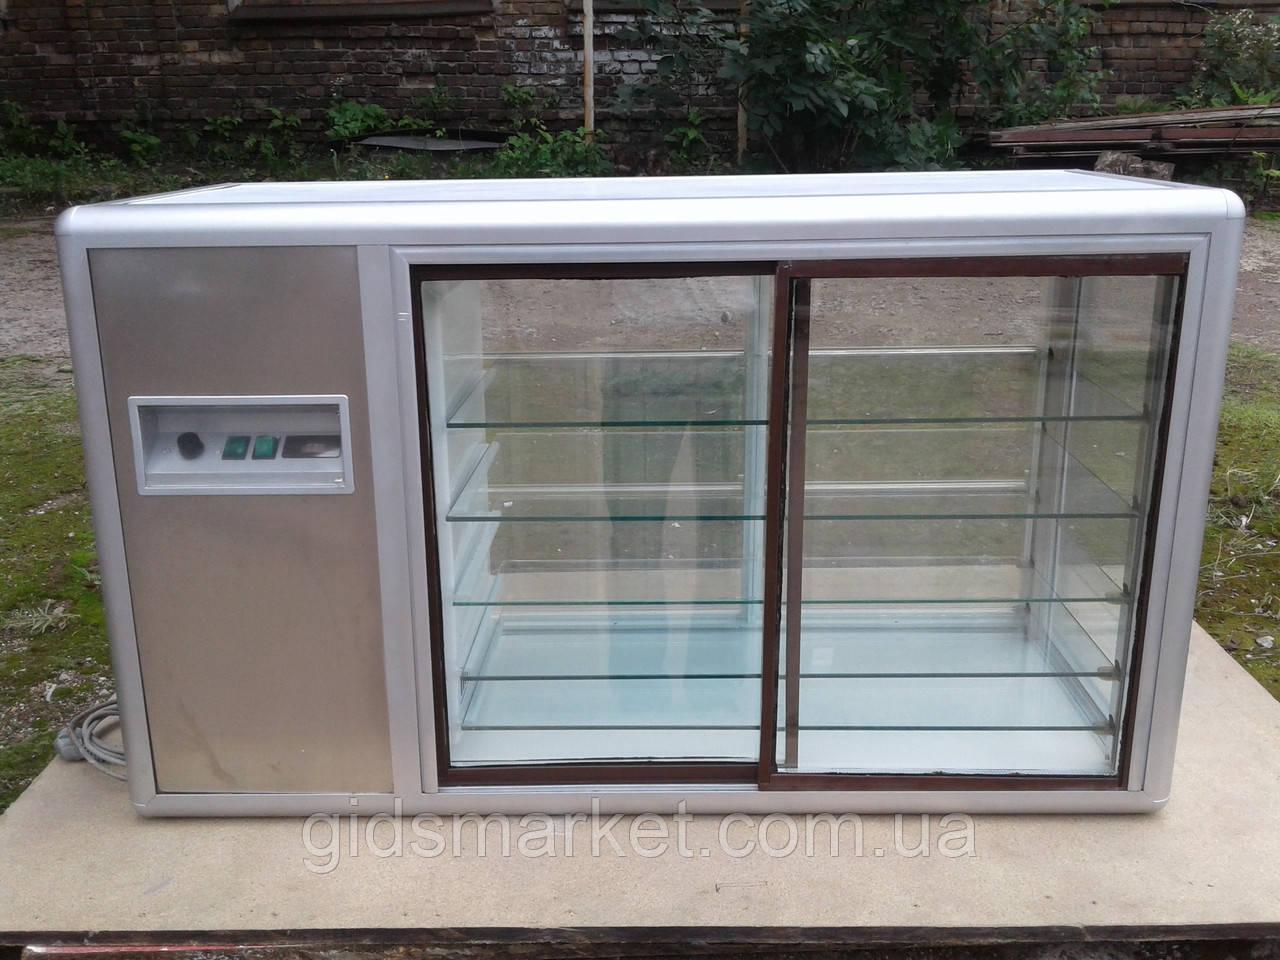 Холодильная настольная витрина Tecfrigo Orizont 200 ss б/у, холодильная витрина б у, витрина настольная б у